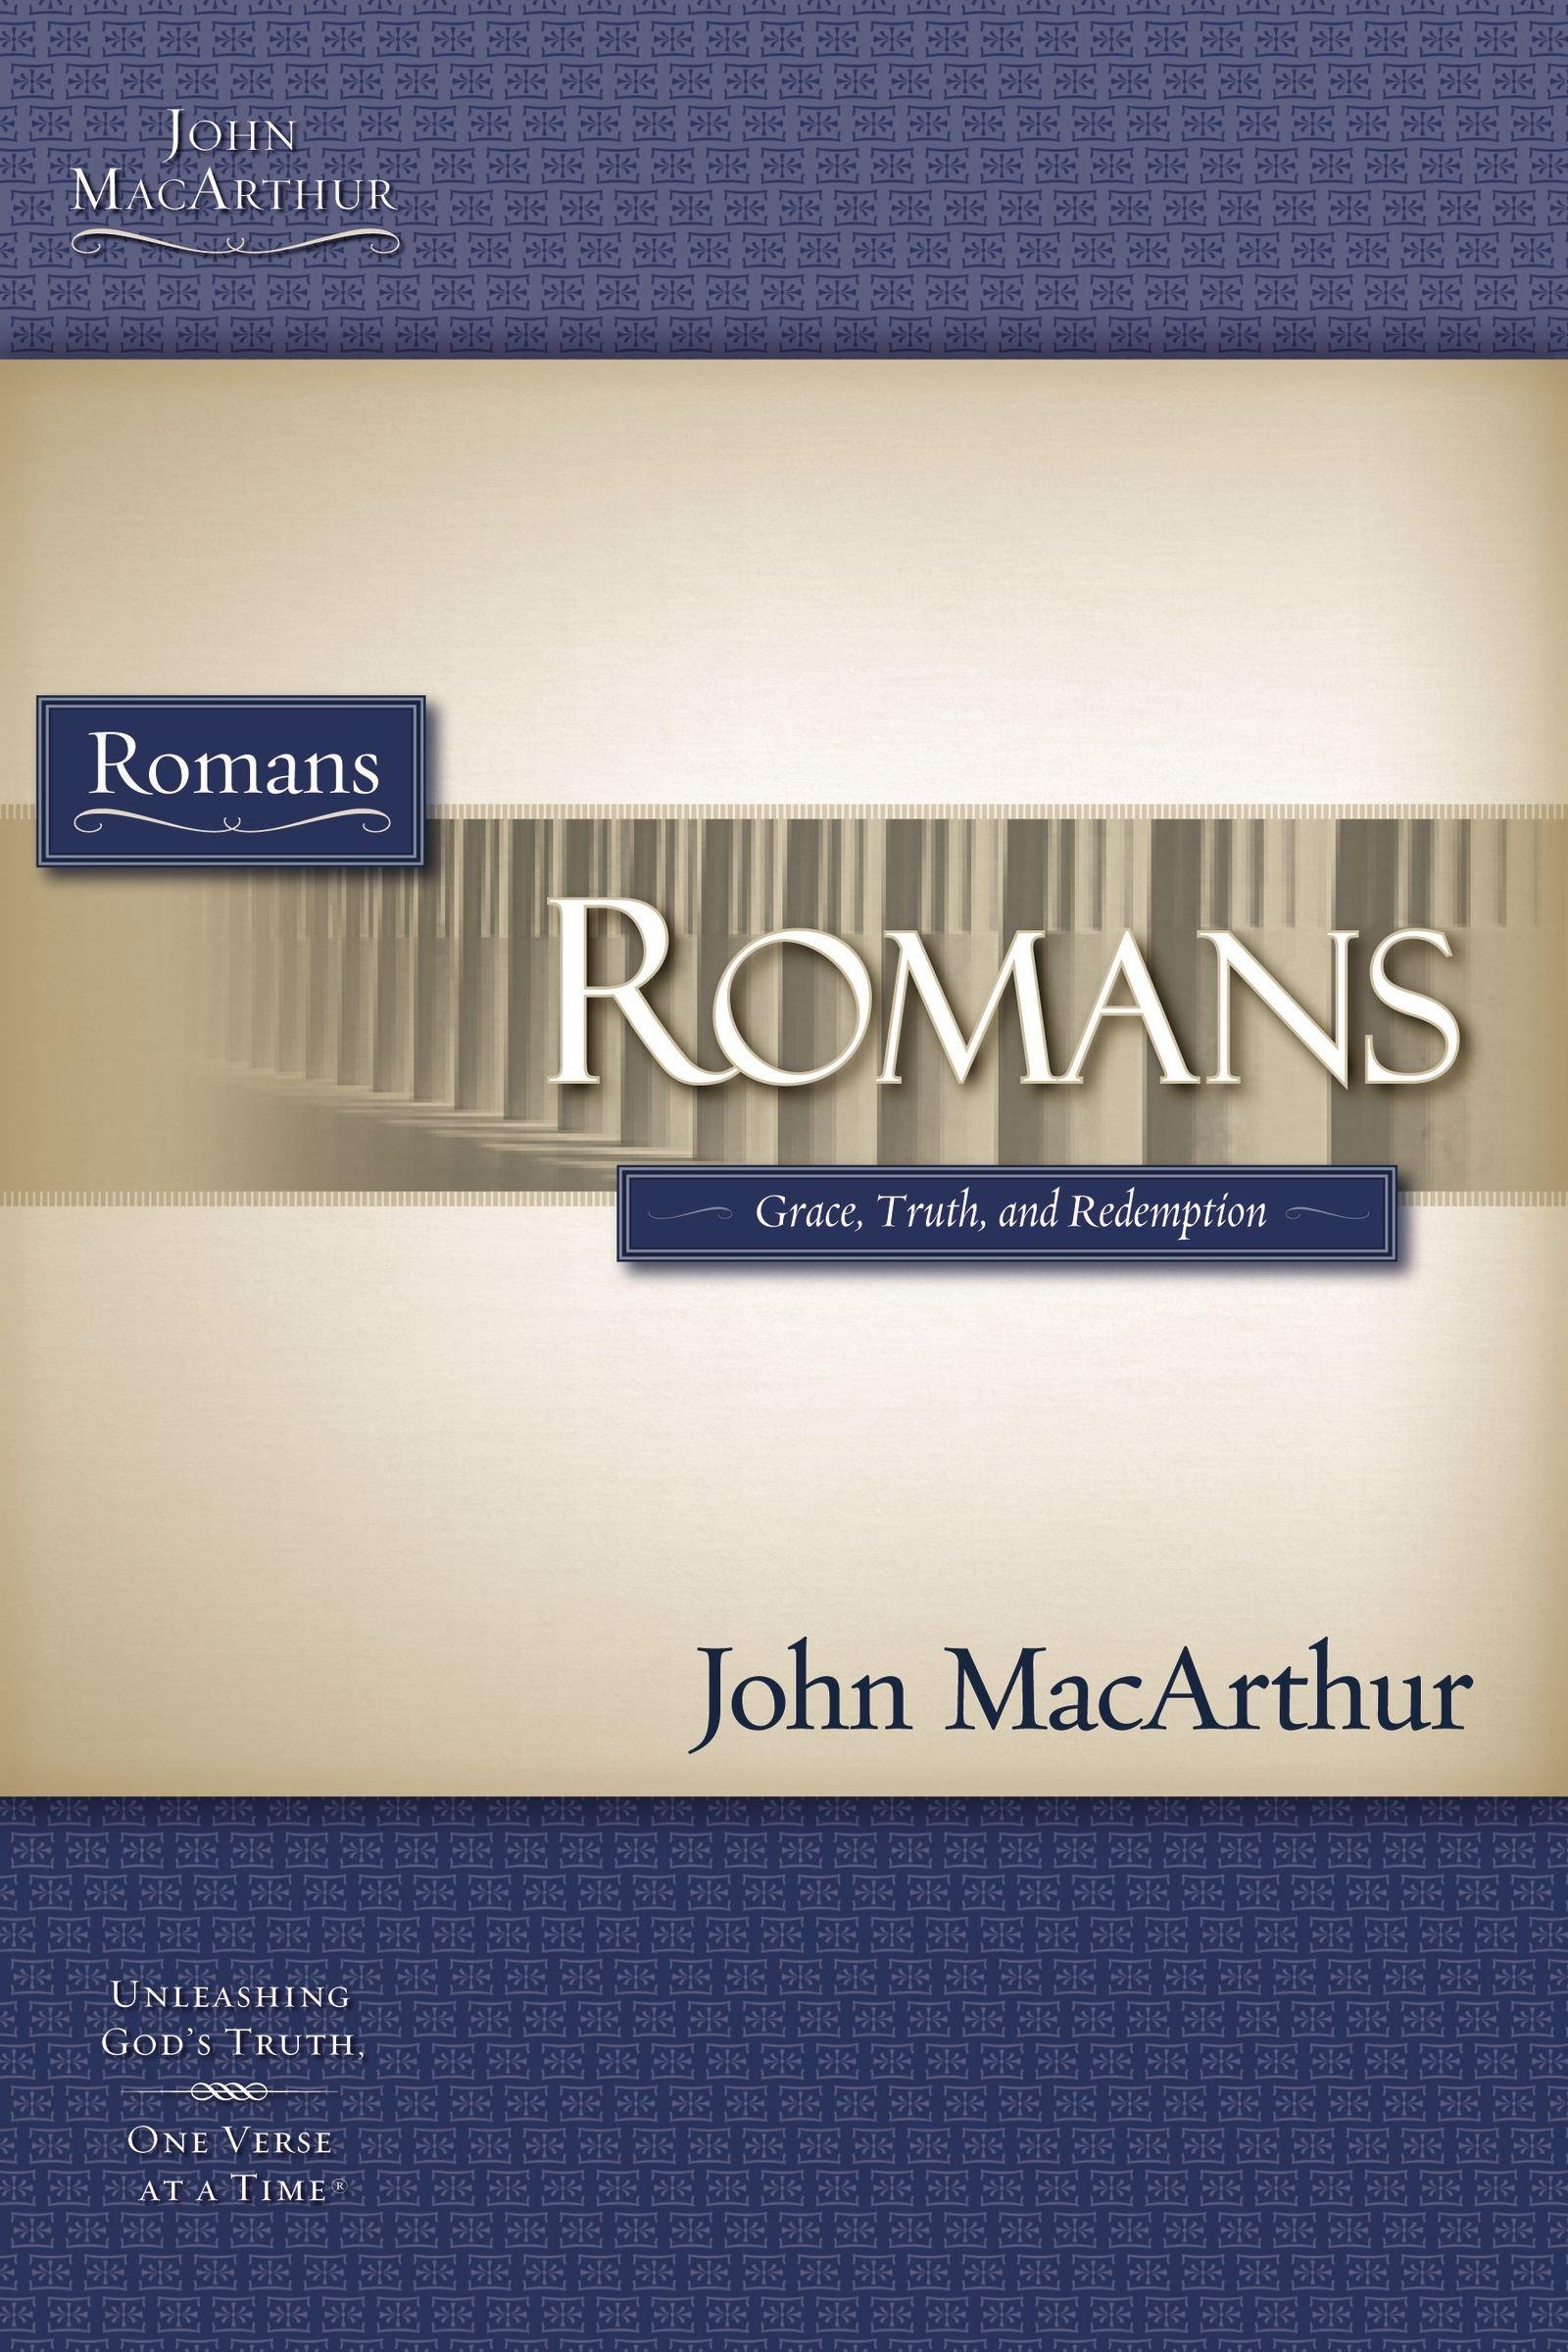 Romans: Grace, Truth And Redemption (Macarthur Bible Studies): John  MacArthur: 9781418508753: Amazon.com: Books